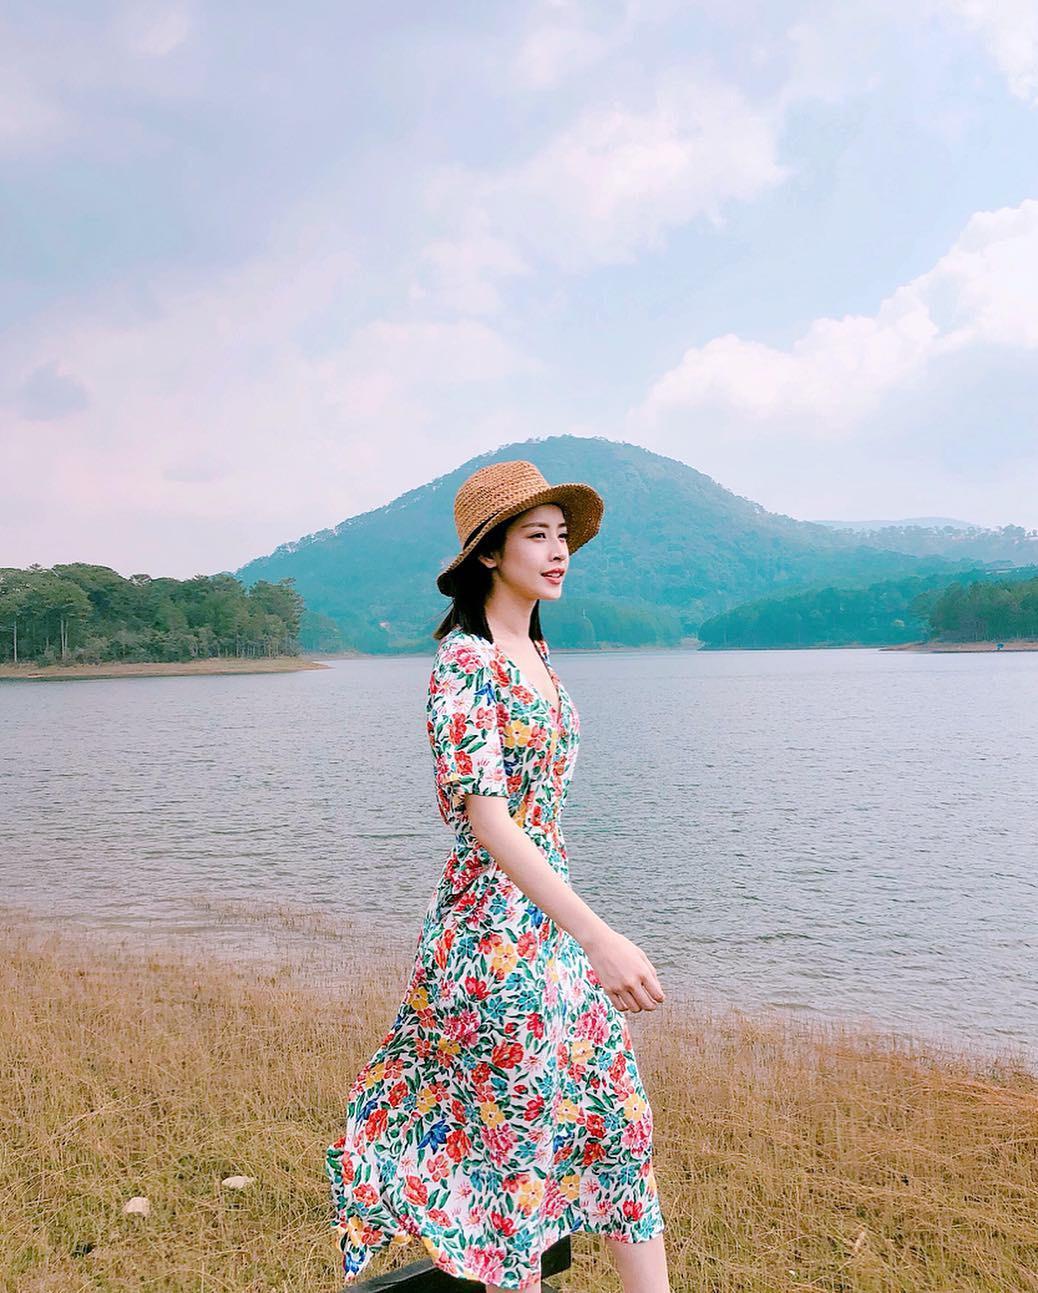 Hà Hồ, Chi Pu và loạt sao Việt lăng xê nhiệt tình thế này thì váy quấn dự là sẽ lại rất hot hè này - Ảnh 1.